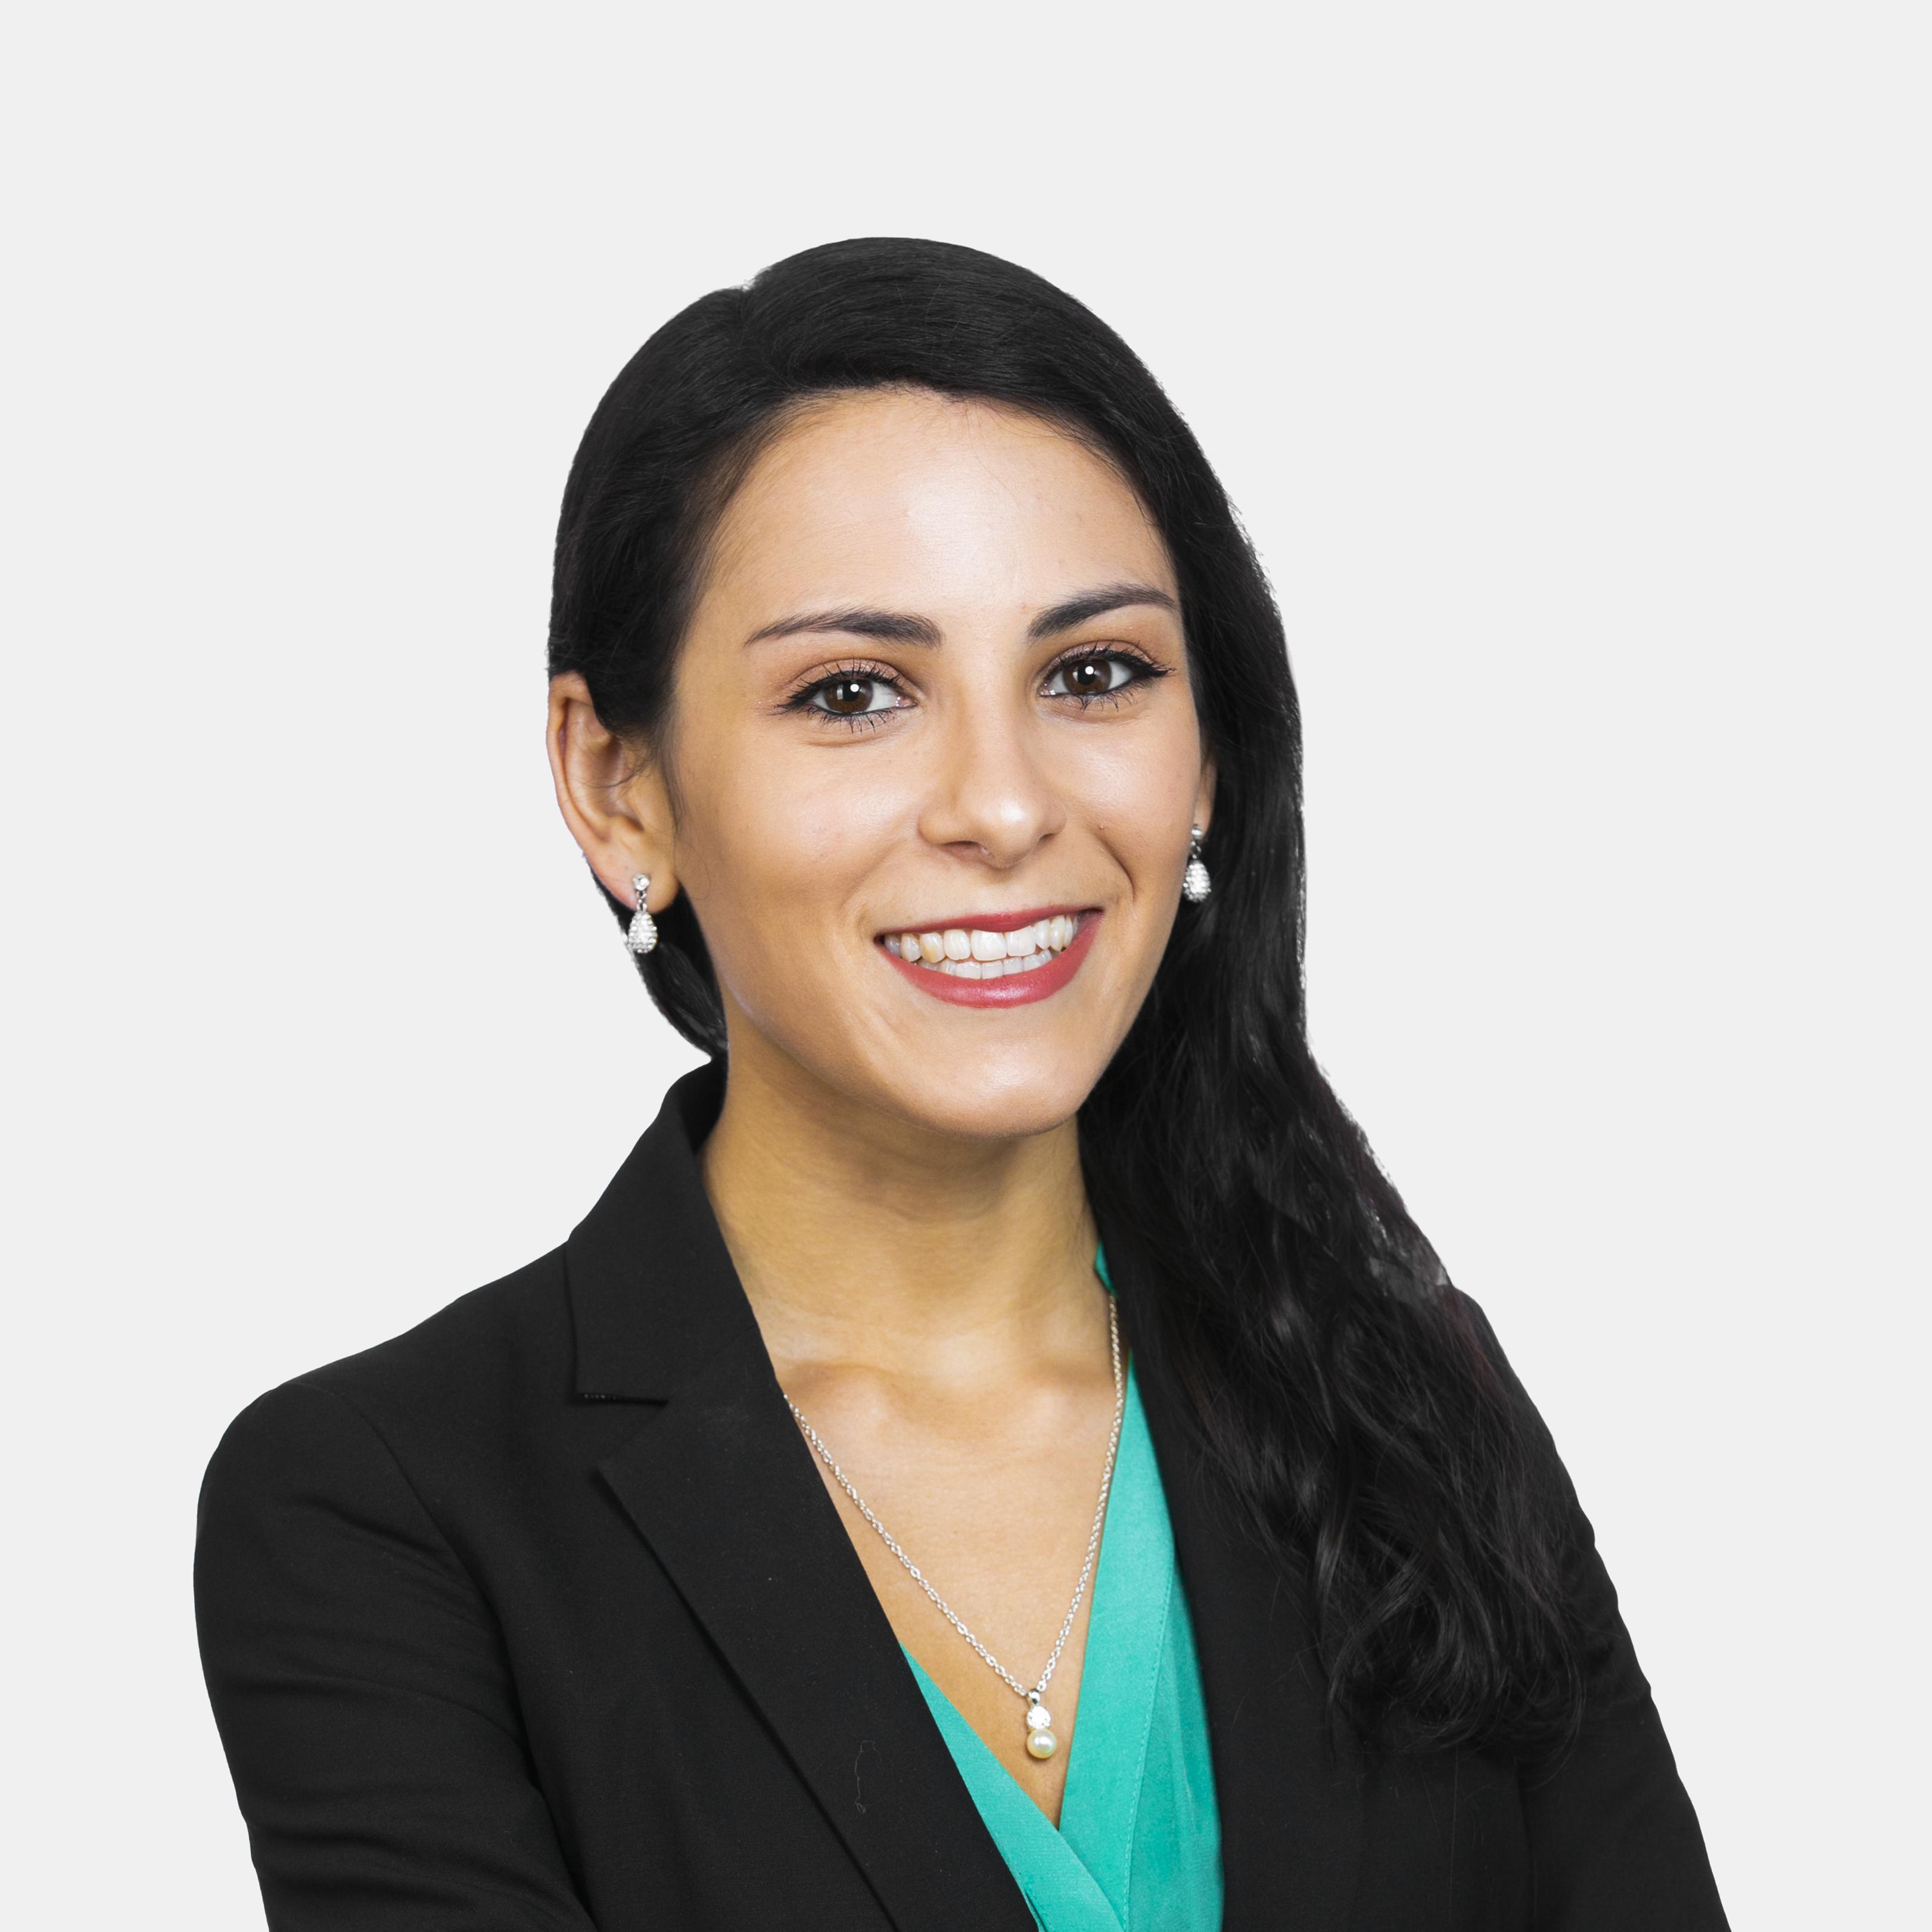 Tara L. Raghavan